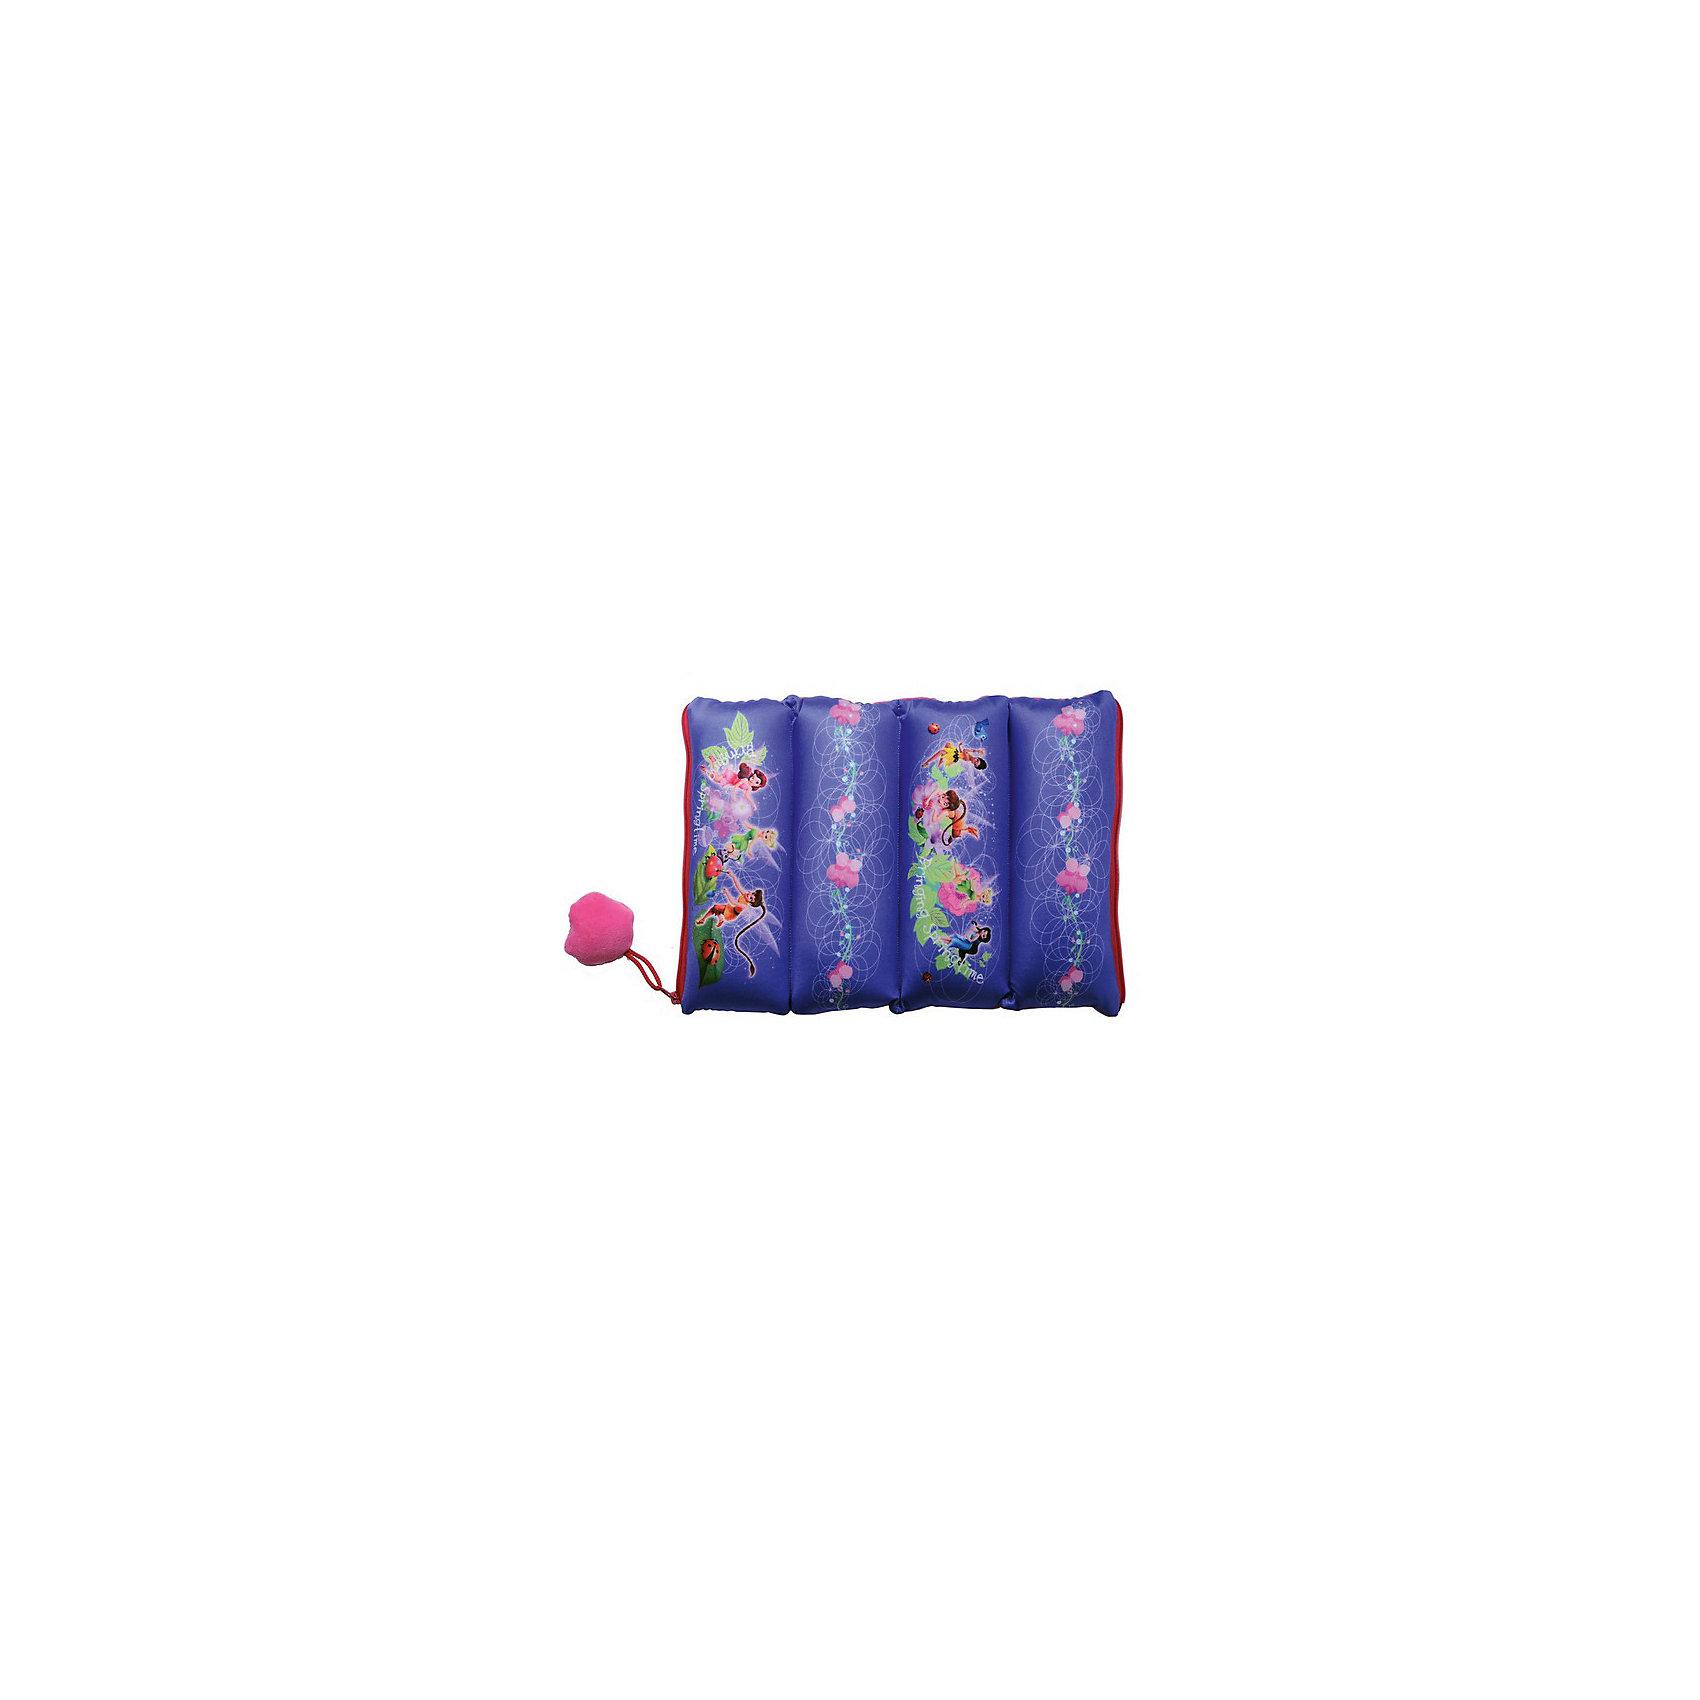 Игрушка антистресс муфточка Феи В46, арт. 51761, Small Toys, голубойХарактеристики товара:<br><br>• материал: текстиль, шарики полистирол<br>• для девочек<br>• украшена принтом<br>• эффект массажа<br>• страна бренда: Российская Федерация<br>• страна производства: Российская Федерация<br><br>Муфточка сделана из приятного на ощупь материала и специального наполнителя - гранул полистирола, которые приятно пересыпаются внутри неё.<br>Такое изделие сможет оказывать точечный массаж ладошек, если держать её в руках, развивать моторику и отвлекать ребенка при необходимости. Муфточка выполнена в приятной расцветке. Швы хорошо проработаны. Изделие произведено из сертифицированных материалов, безопасных для детей.<br><br>Игрушку антистресс муфточка Феи В46, арт. 51761/Bl от бренда Small Toys можно купить в нашем интернет-магазине.<br><br>Ширина мм: 460<br>Глубина мм: 60<br>Высота мм: 260<br>Вес г: 255<br>Возраст от месяцев: 36<br>Возраст до месяцев: 72<br>Пол: Женский<br>Возраст: Детский<br>SKU: 4026270